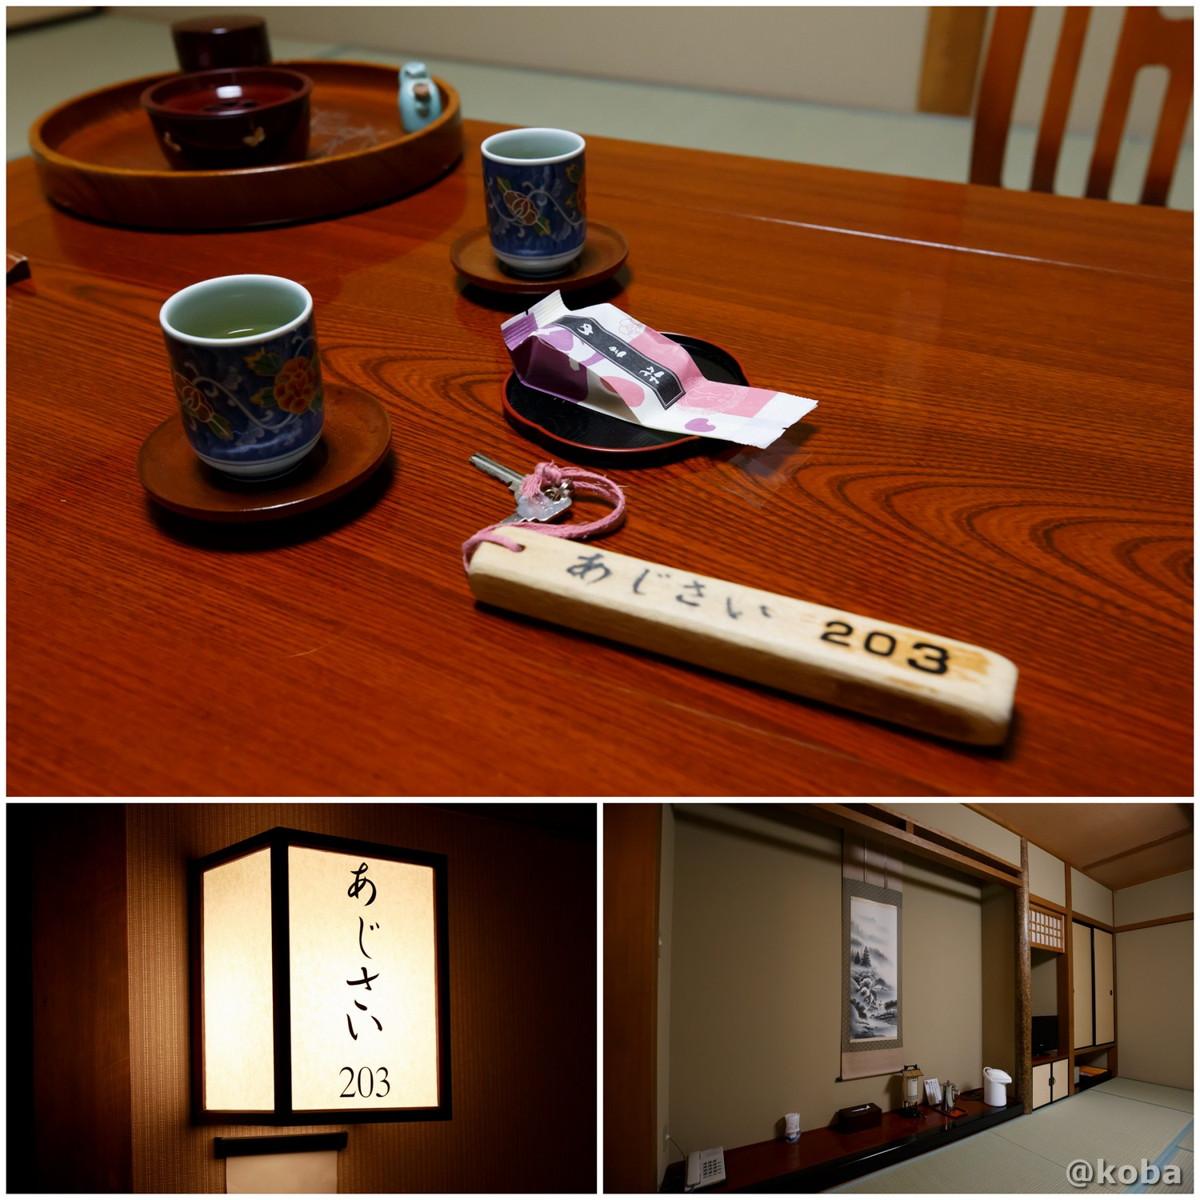 お茶菓子の写真|滝沢温泉 滝沢館|日本秘湯を守る会|群馬県